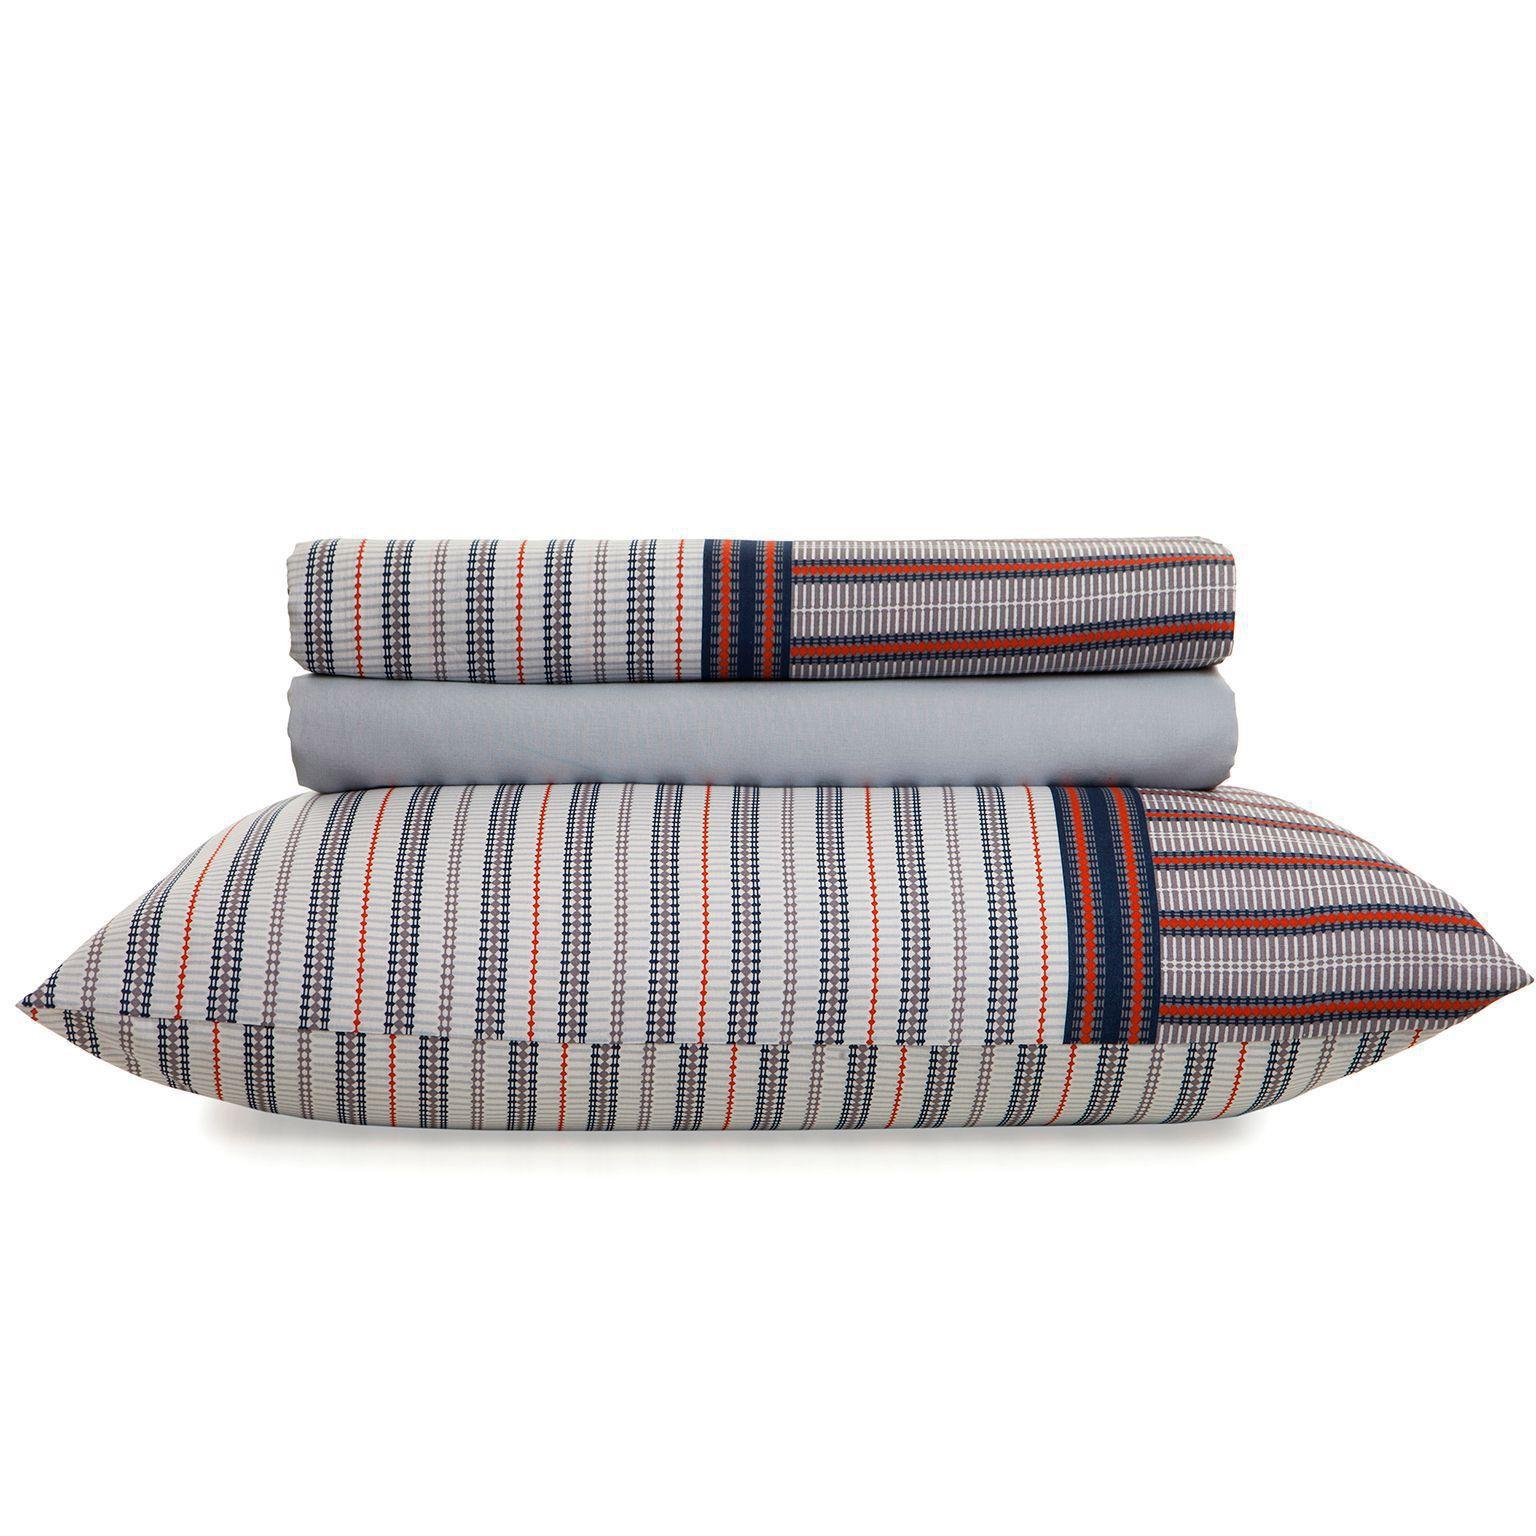 Jogo de cama solteiro Royal Luis 1 100% algodão estampado Listras - Santista